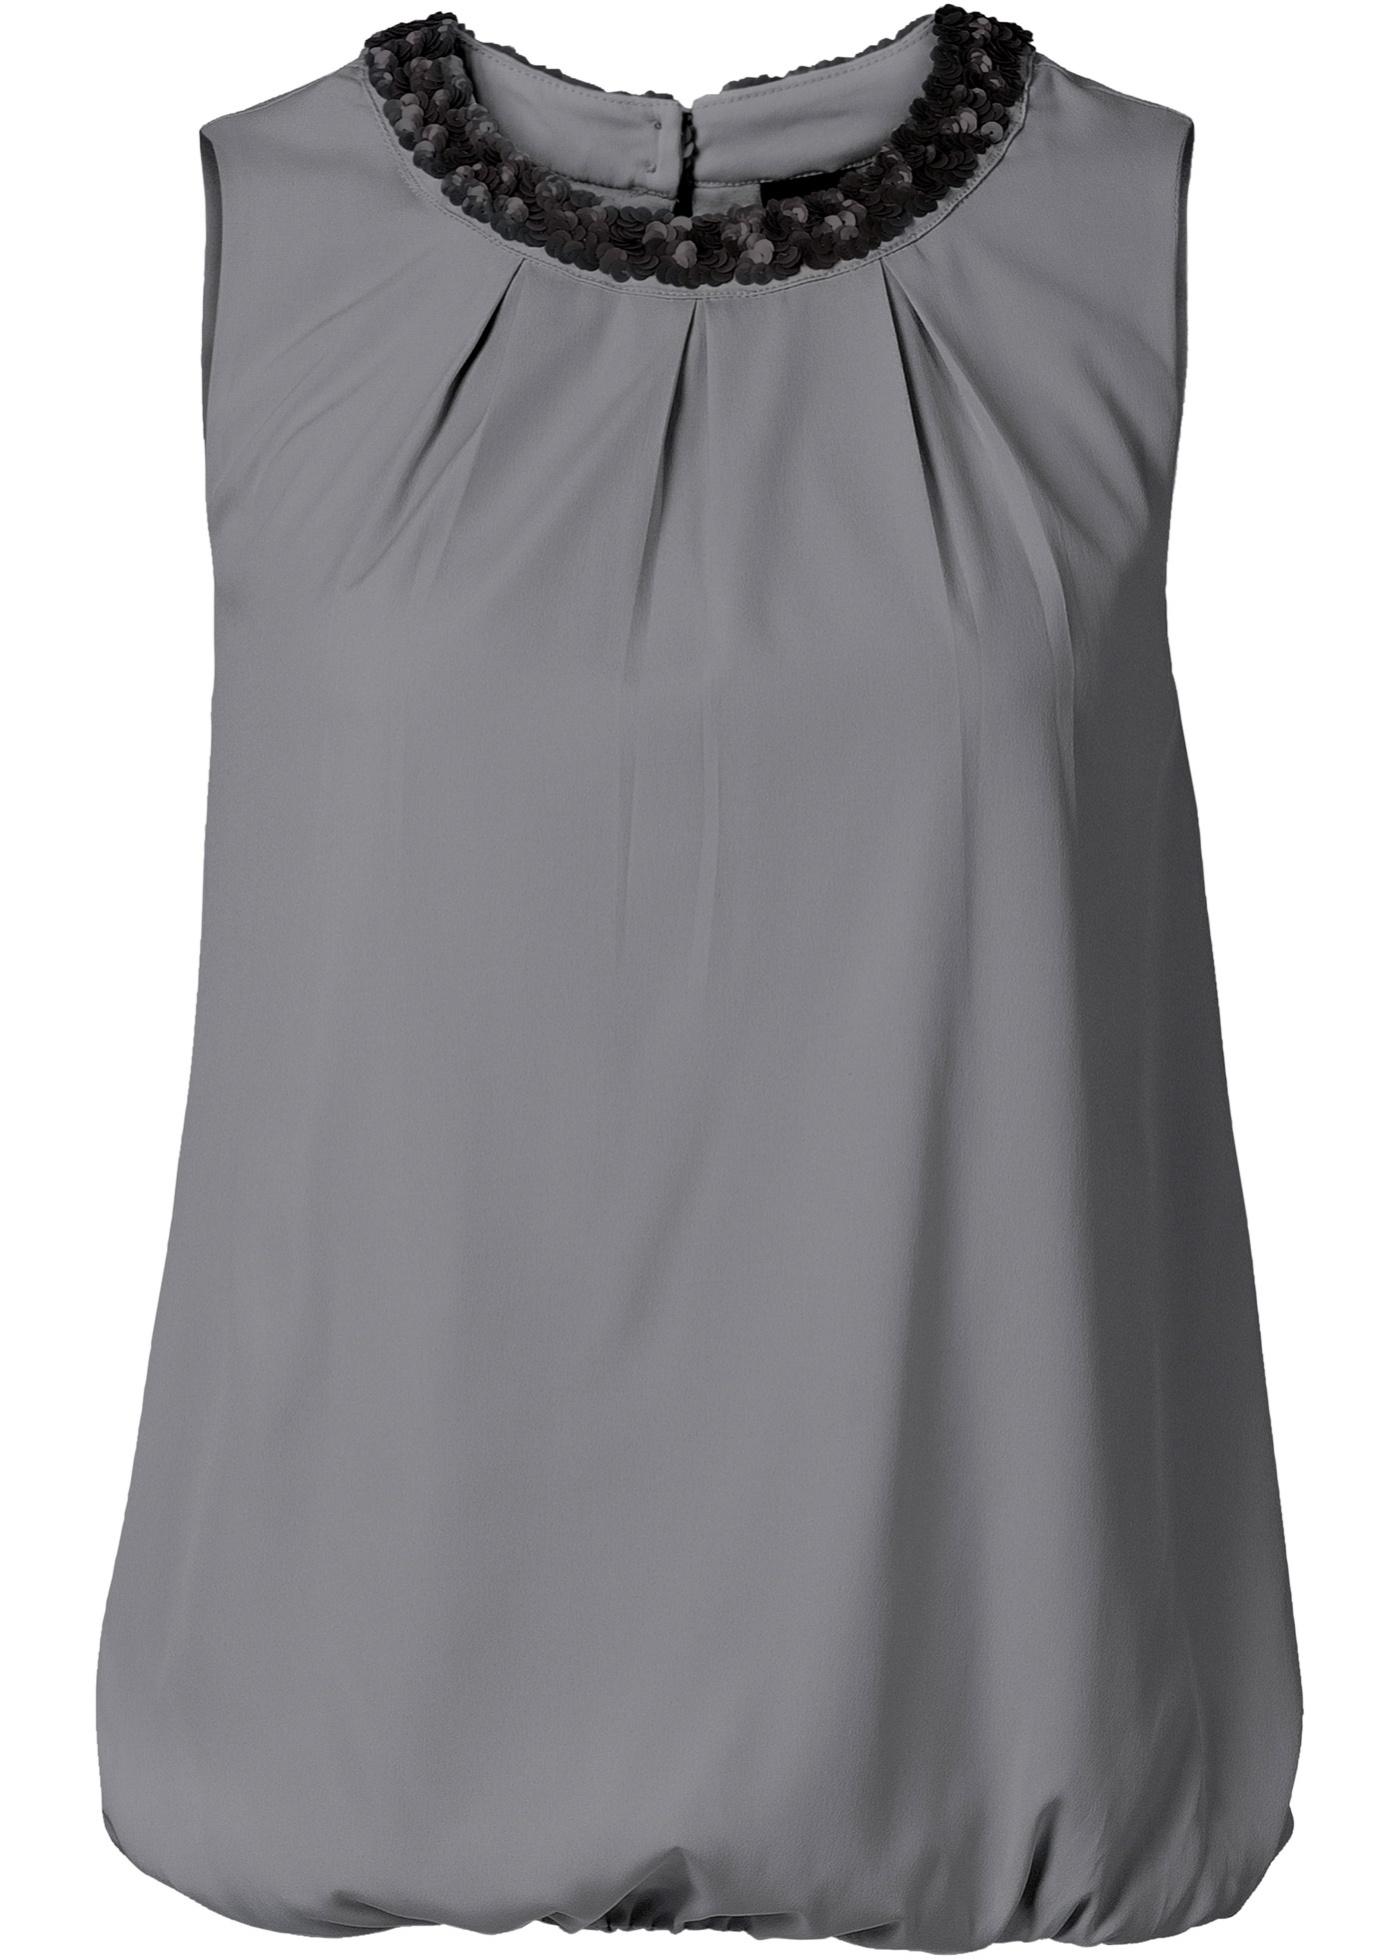 Blusa com lantejoulas cinza sem mangas com decote redondo